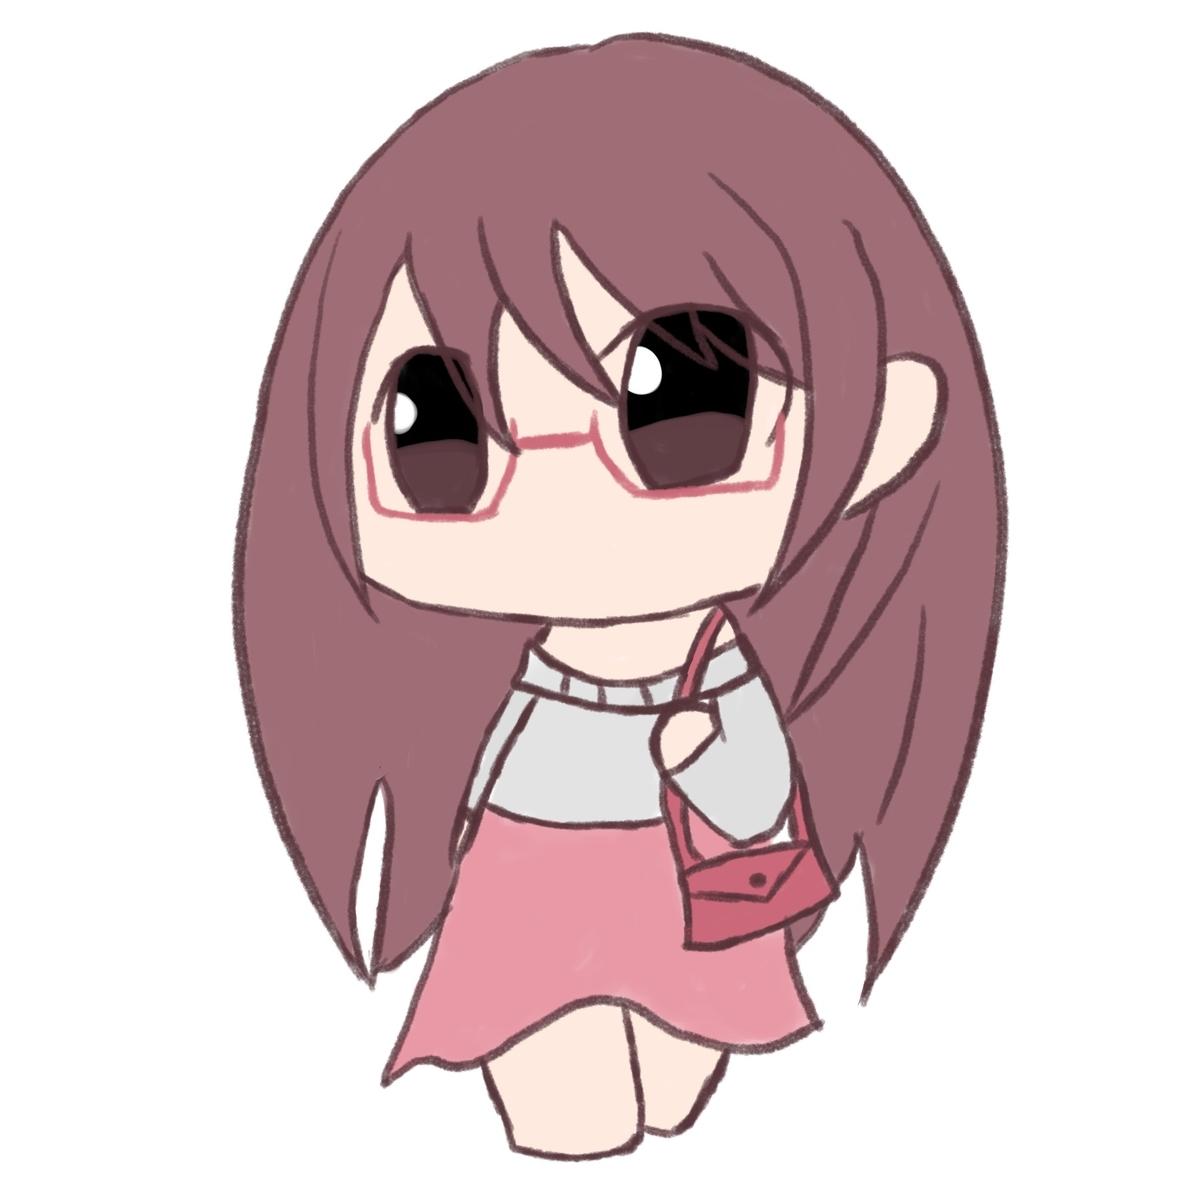 f:id:redberry072169:20191207150402j:plain